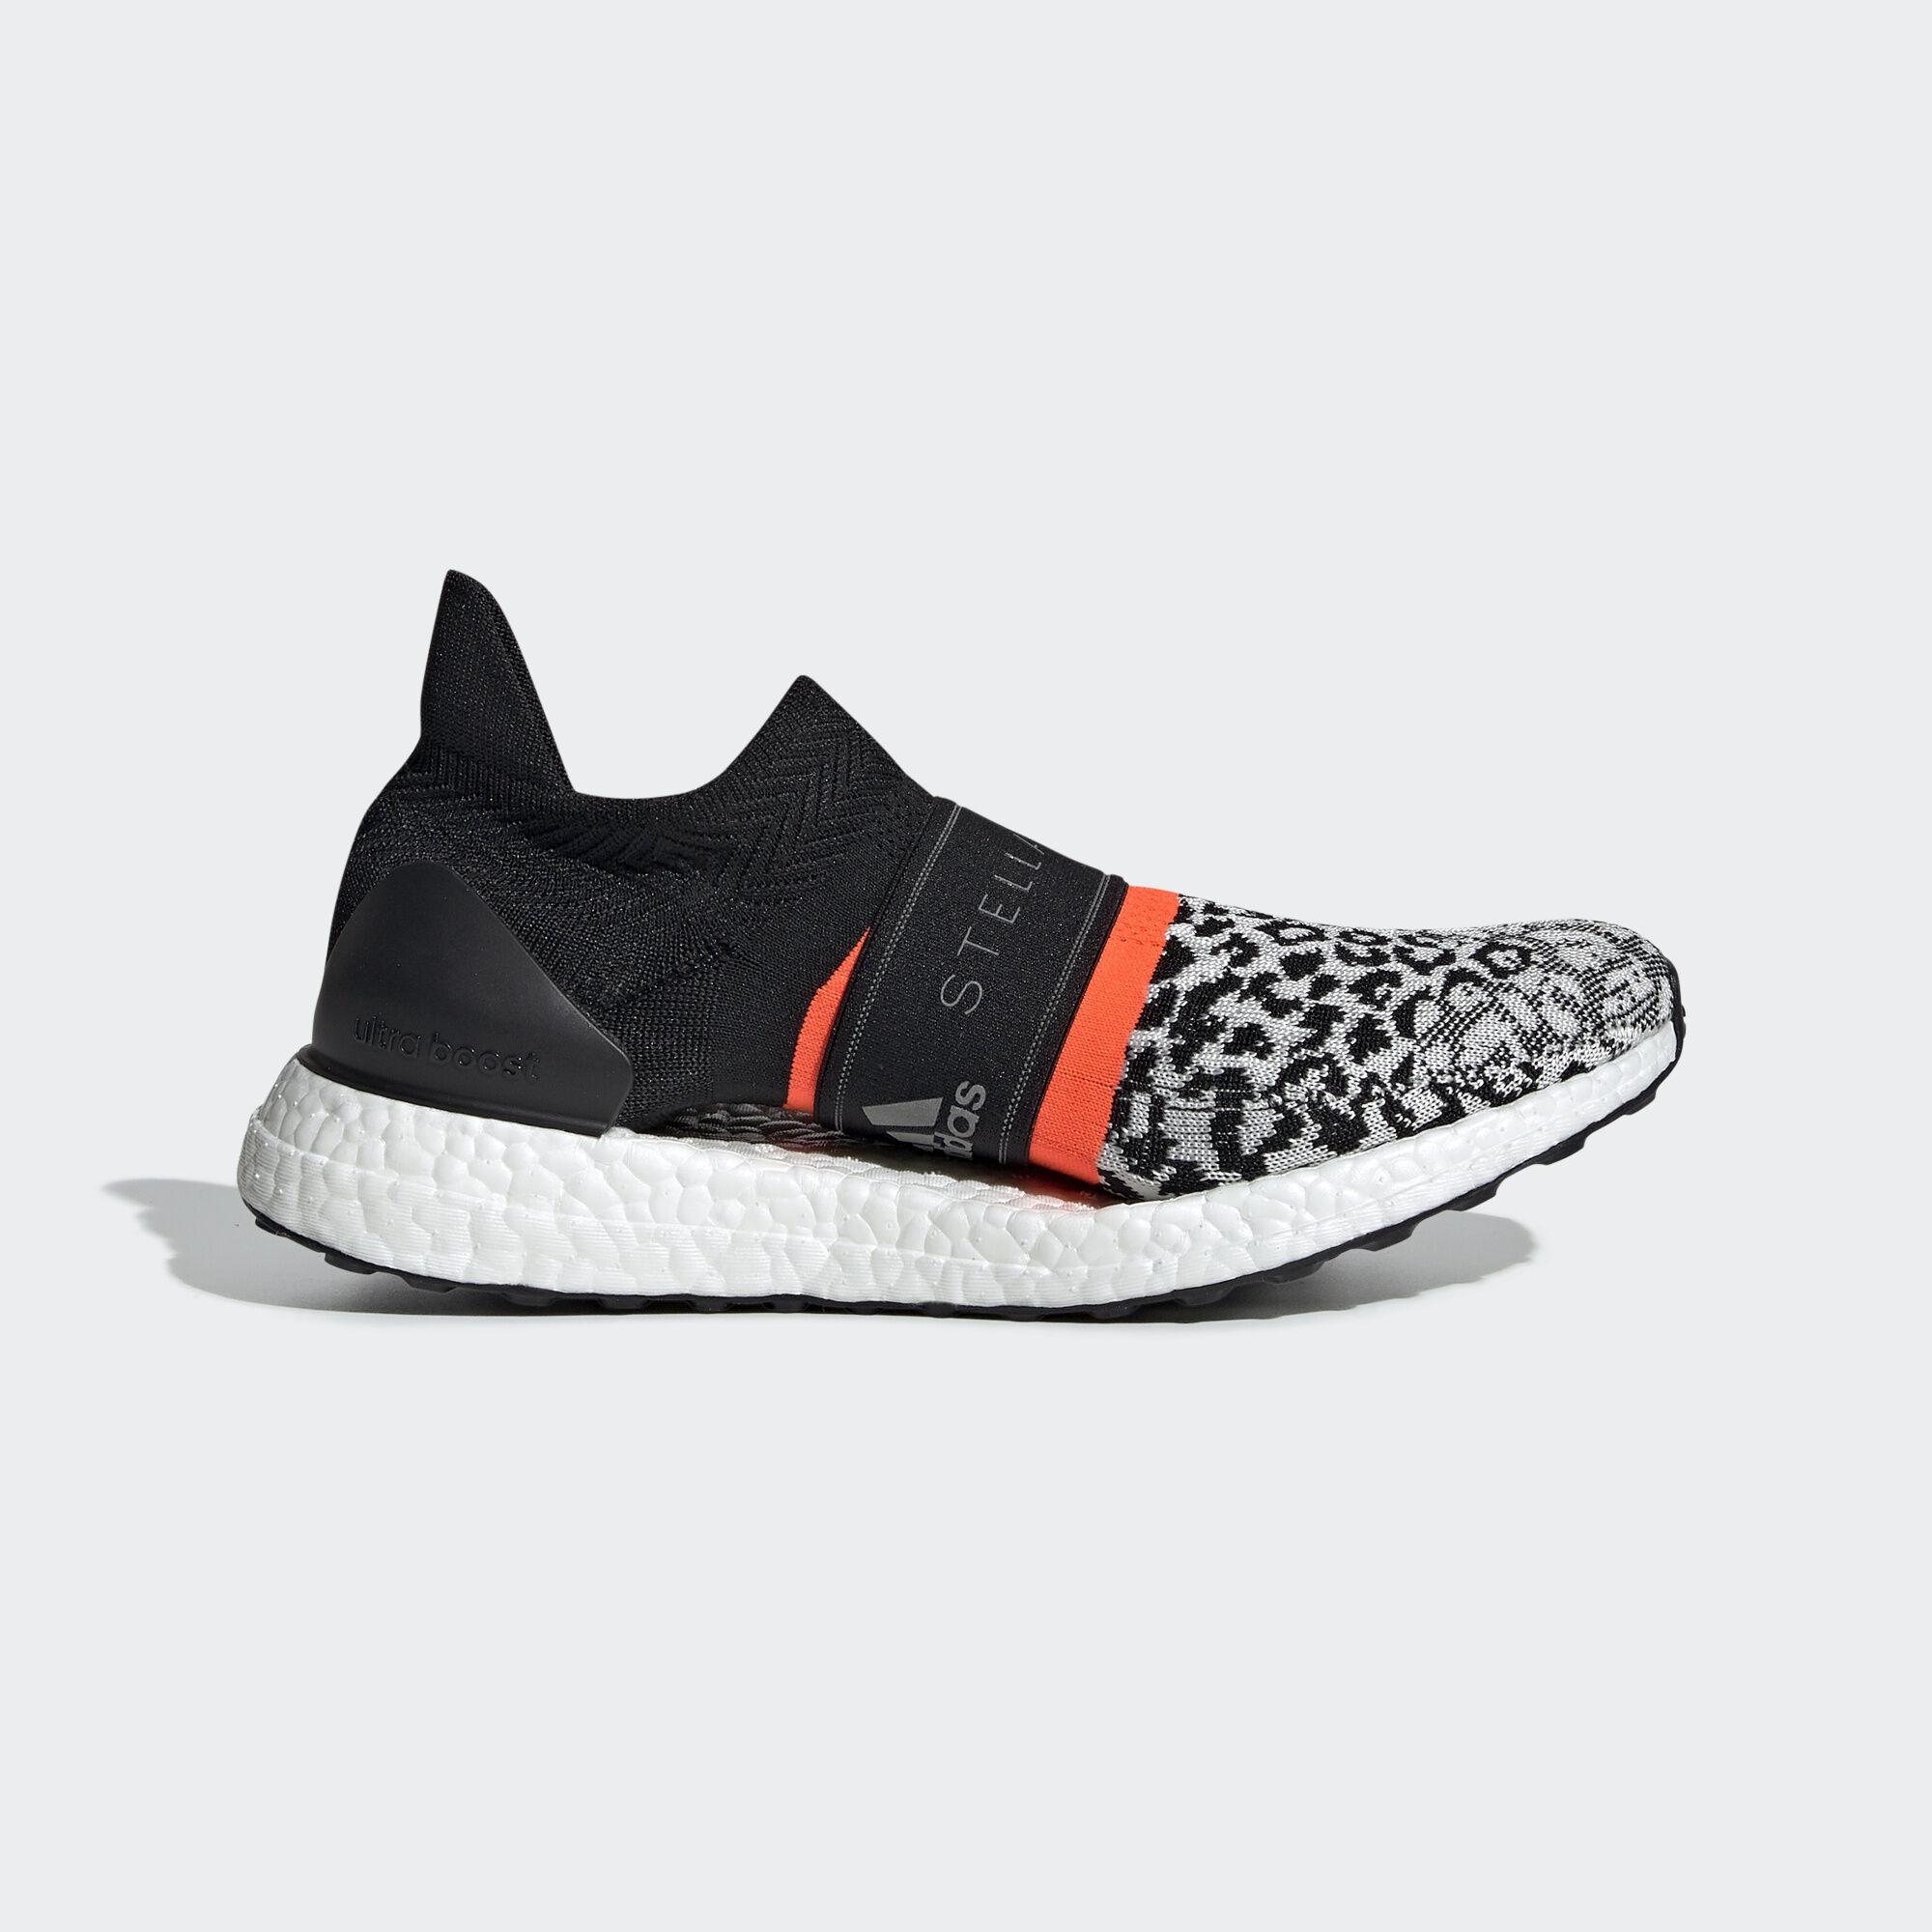 best service d8932 7d193 adidas - Ultraboost X 3D Shoes Core Black   Core White   Solar Red BC0314.  Women ...